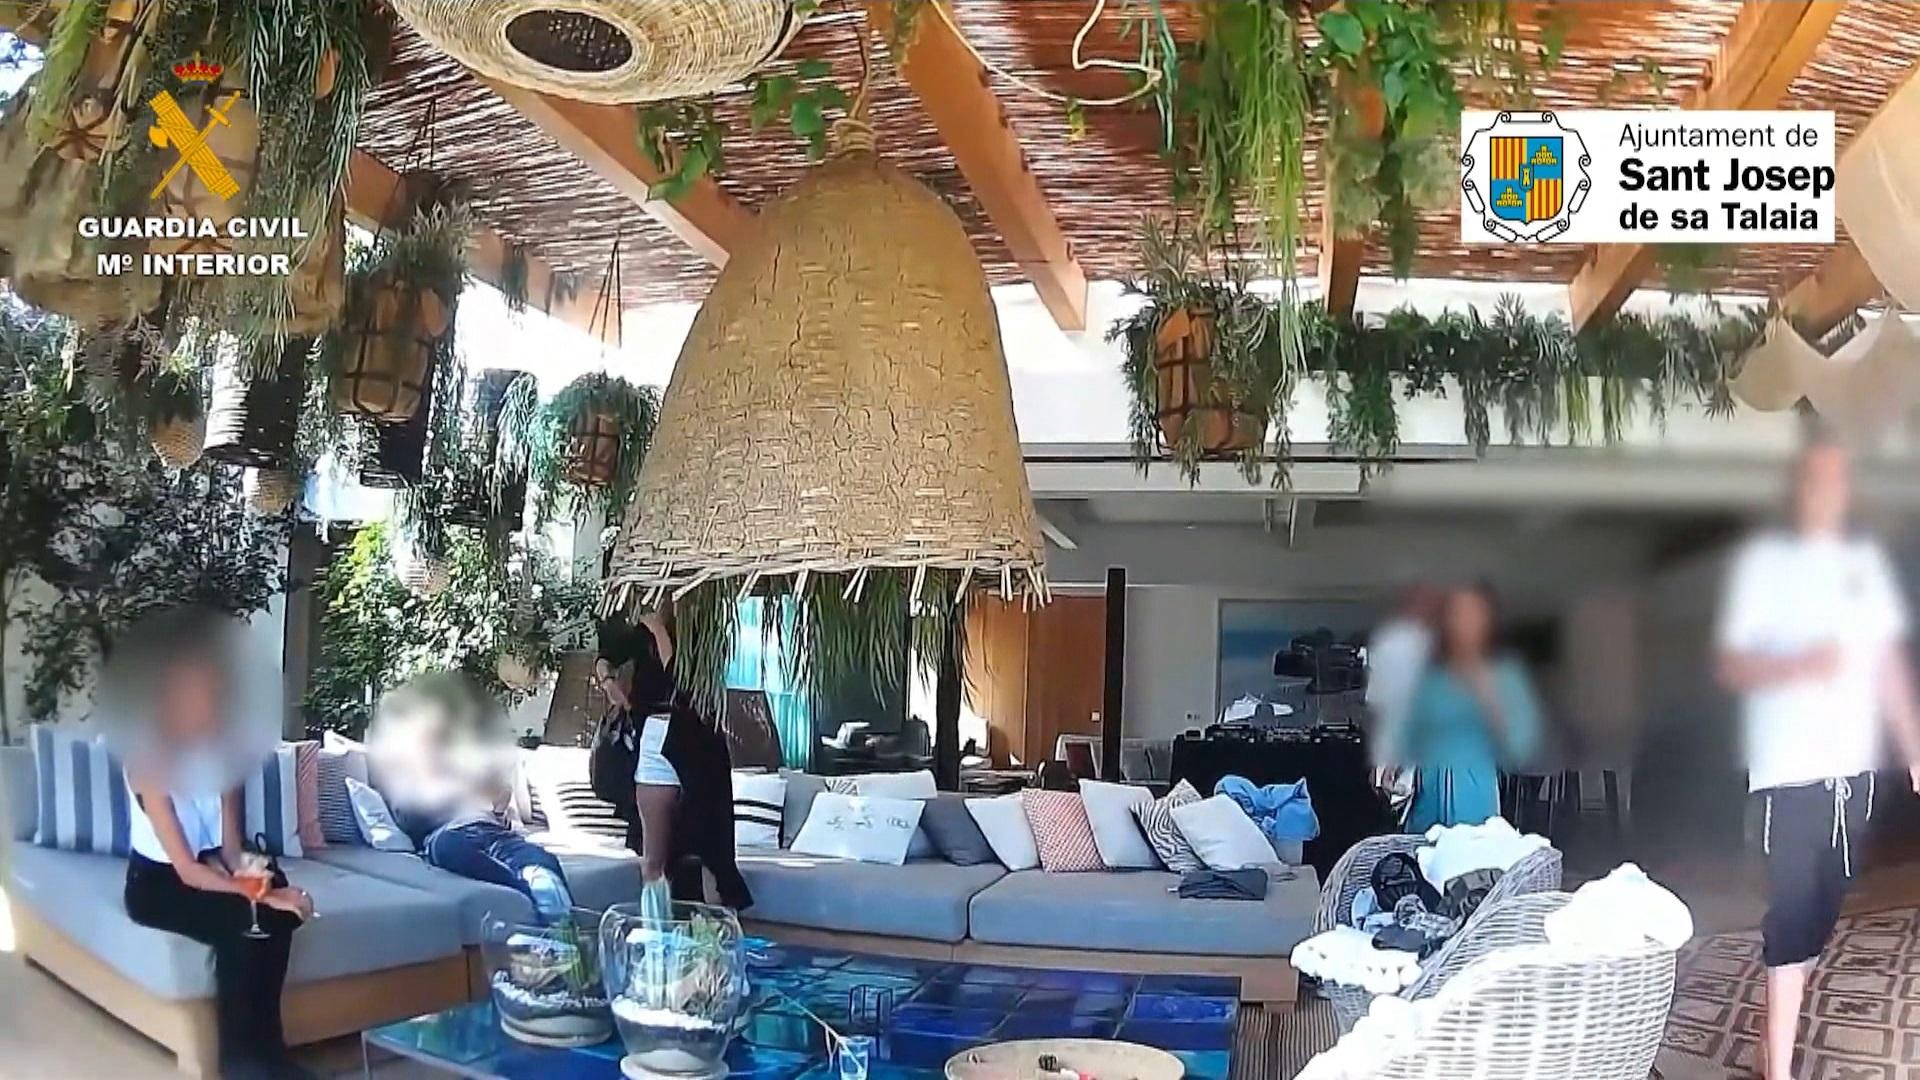 Anita+Dinamita%2C+la+suposada+professional+de+l%26apos%3BIB-Salut+que+comercialitzava+festes+il%C2%B7legals+a+Eivissa